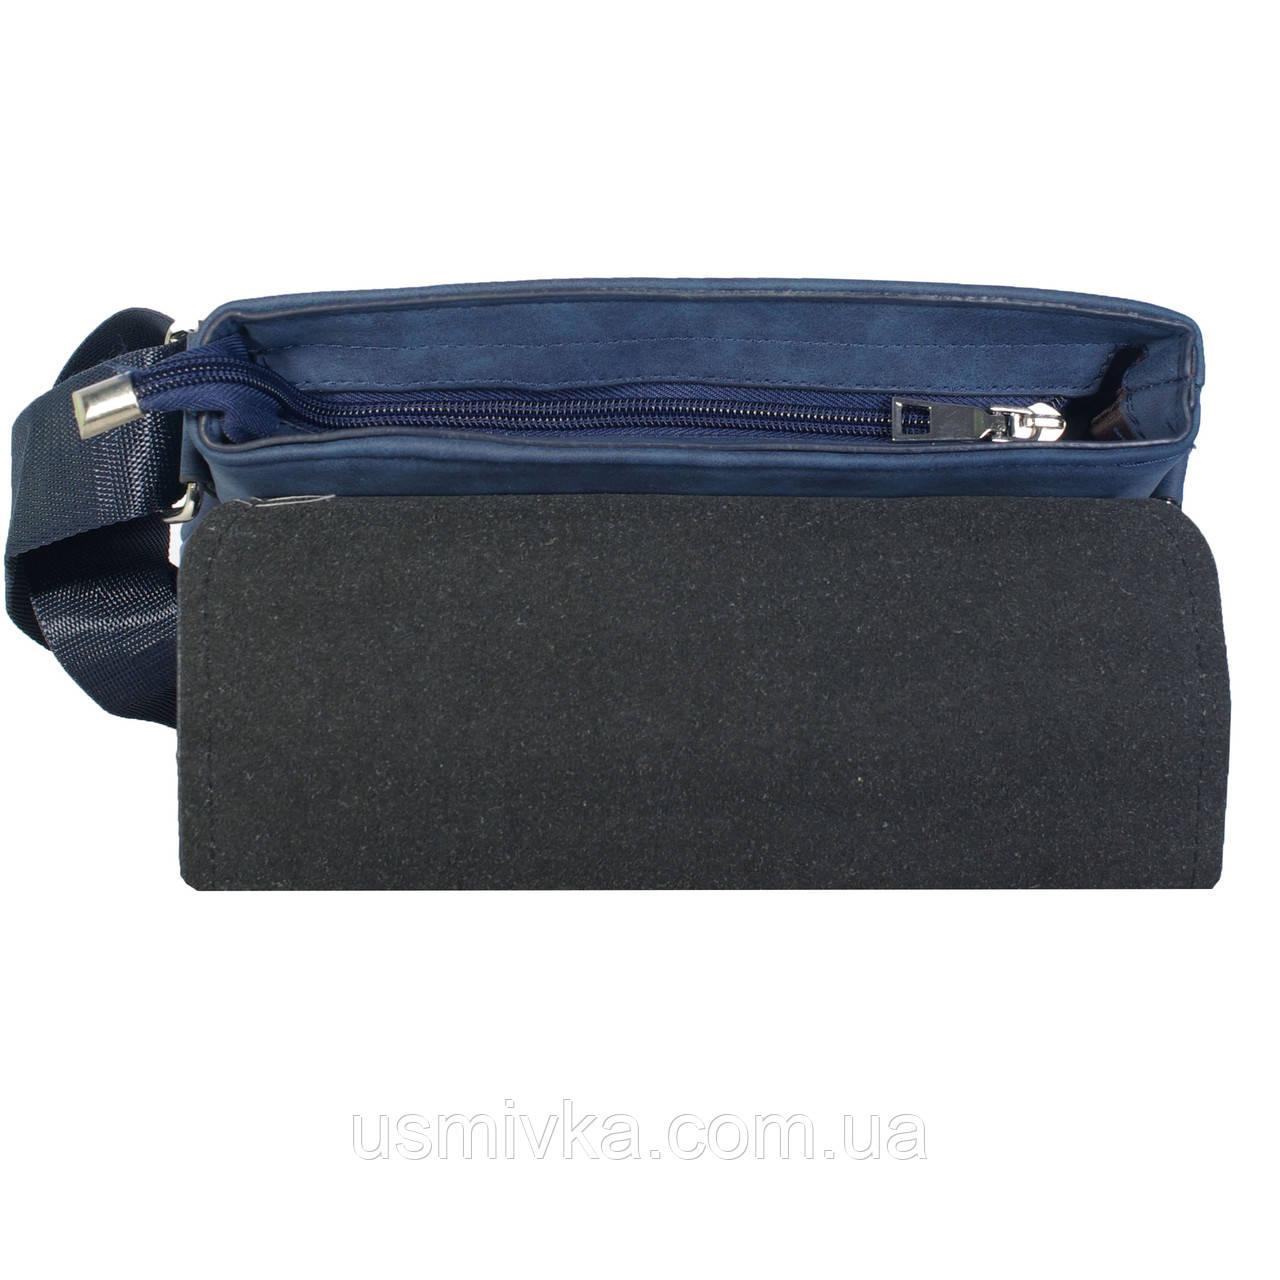 732bd4918b4c Купить Мужская сумка брендовая Holt в интернет-магазине